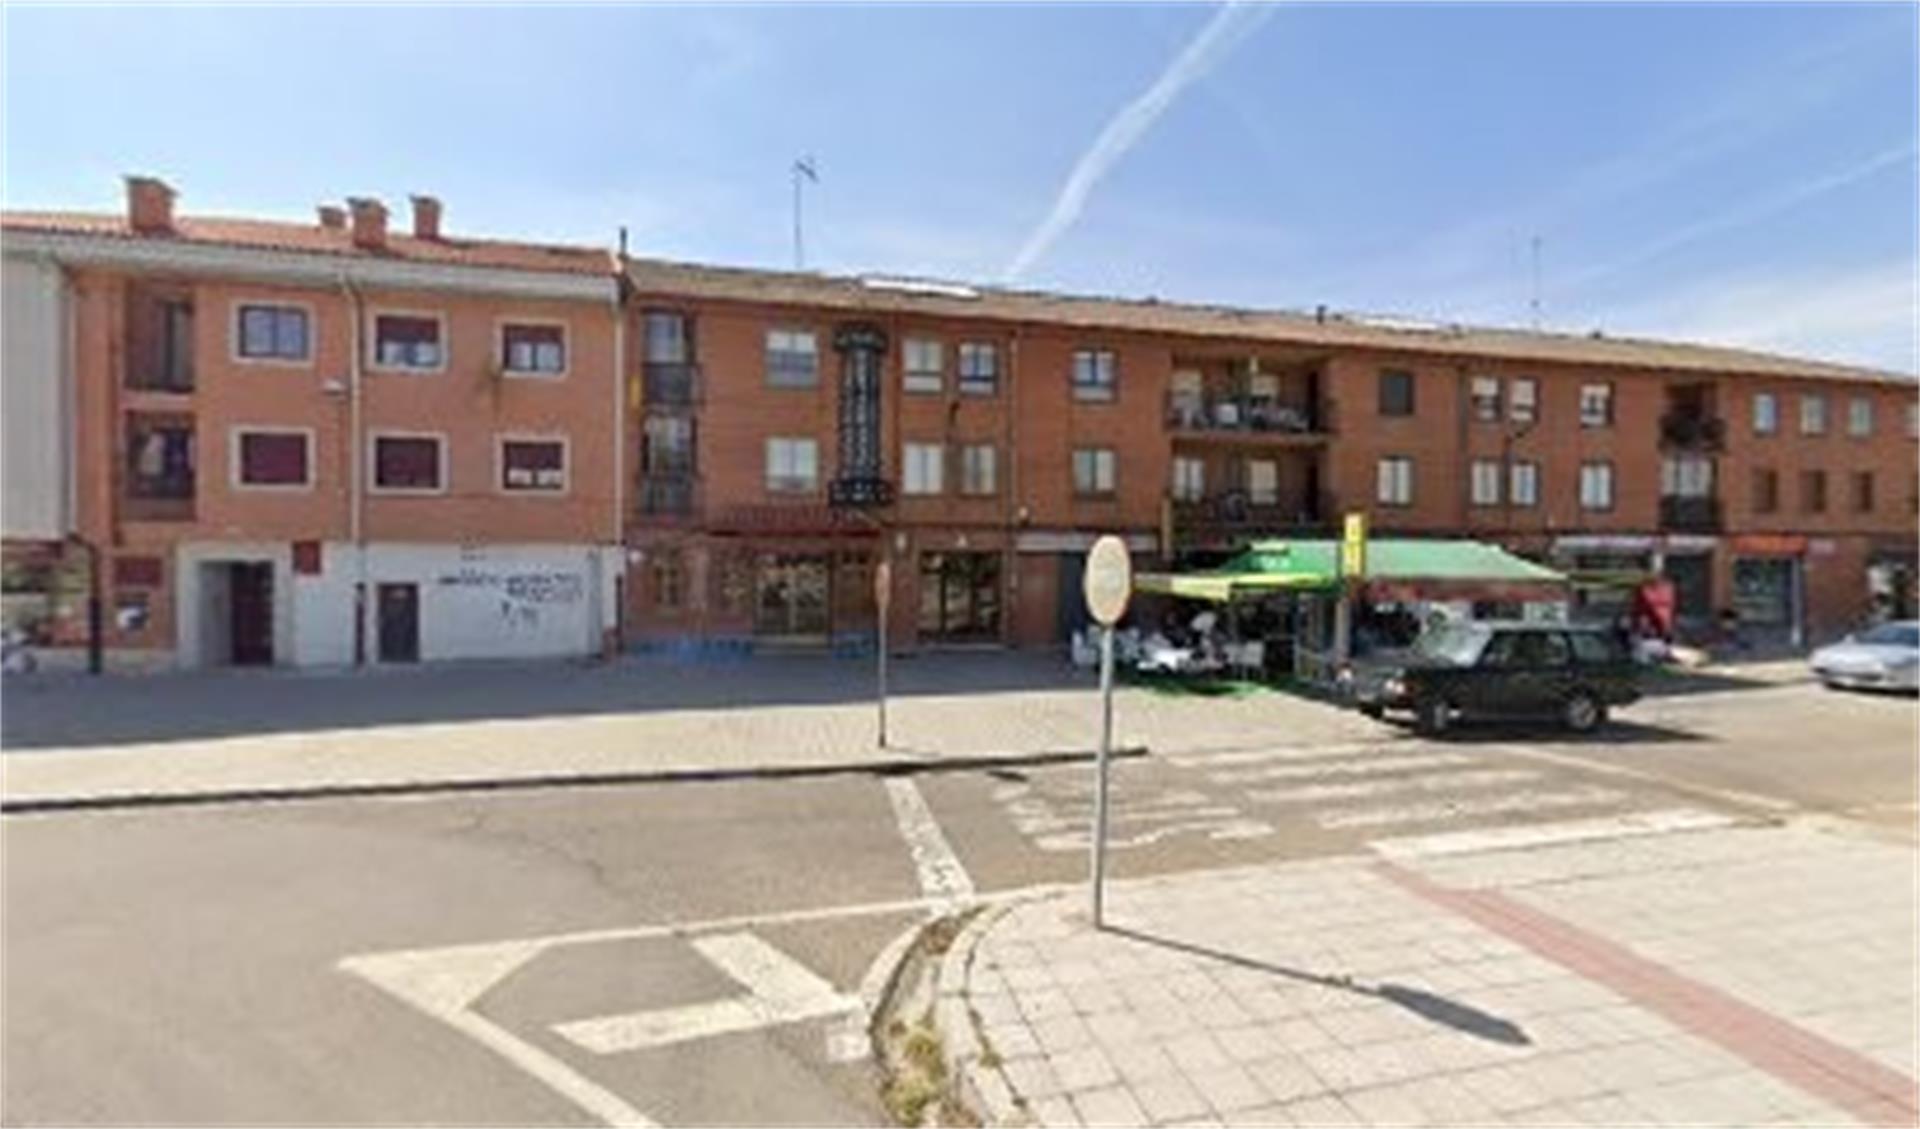 Local de alquiler en Avenida de Portugal Tordesillas (Tordesillas, Valladolid)